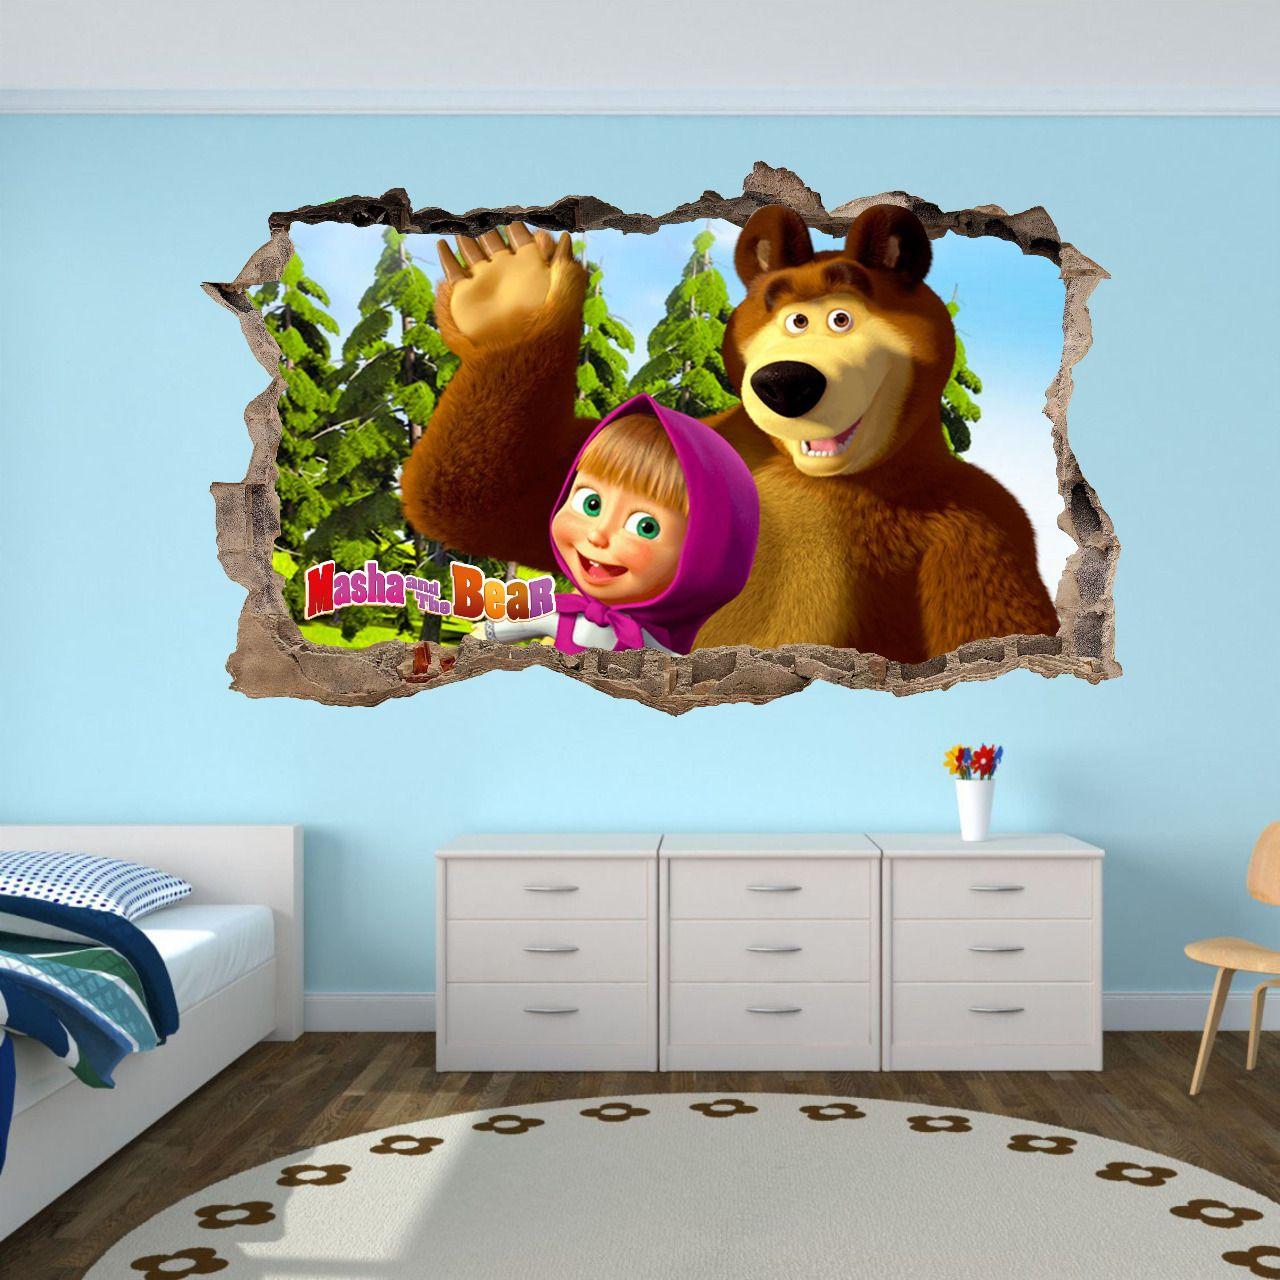 этот картинка комнаты маша и медведь пляже мелкий песок